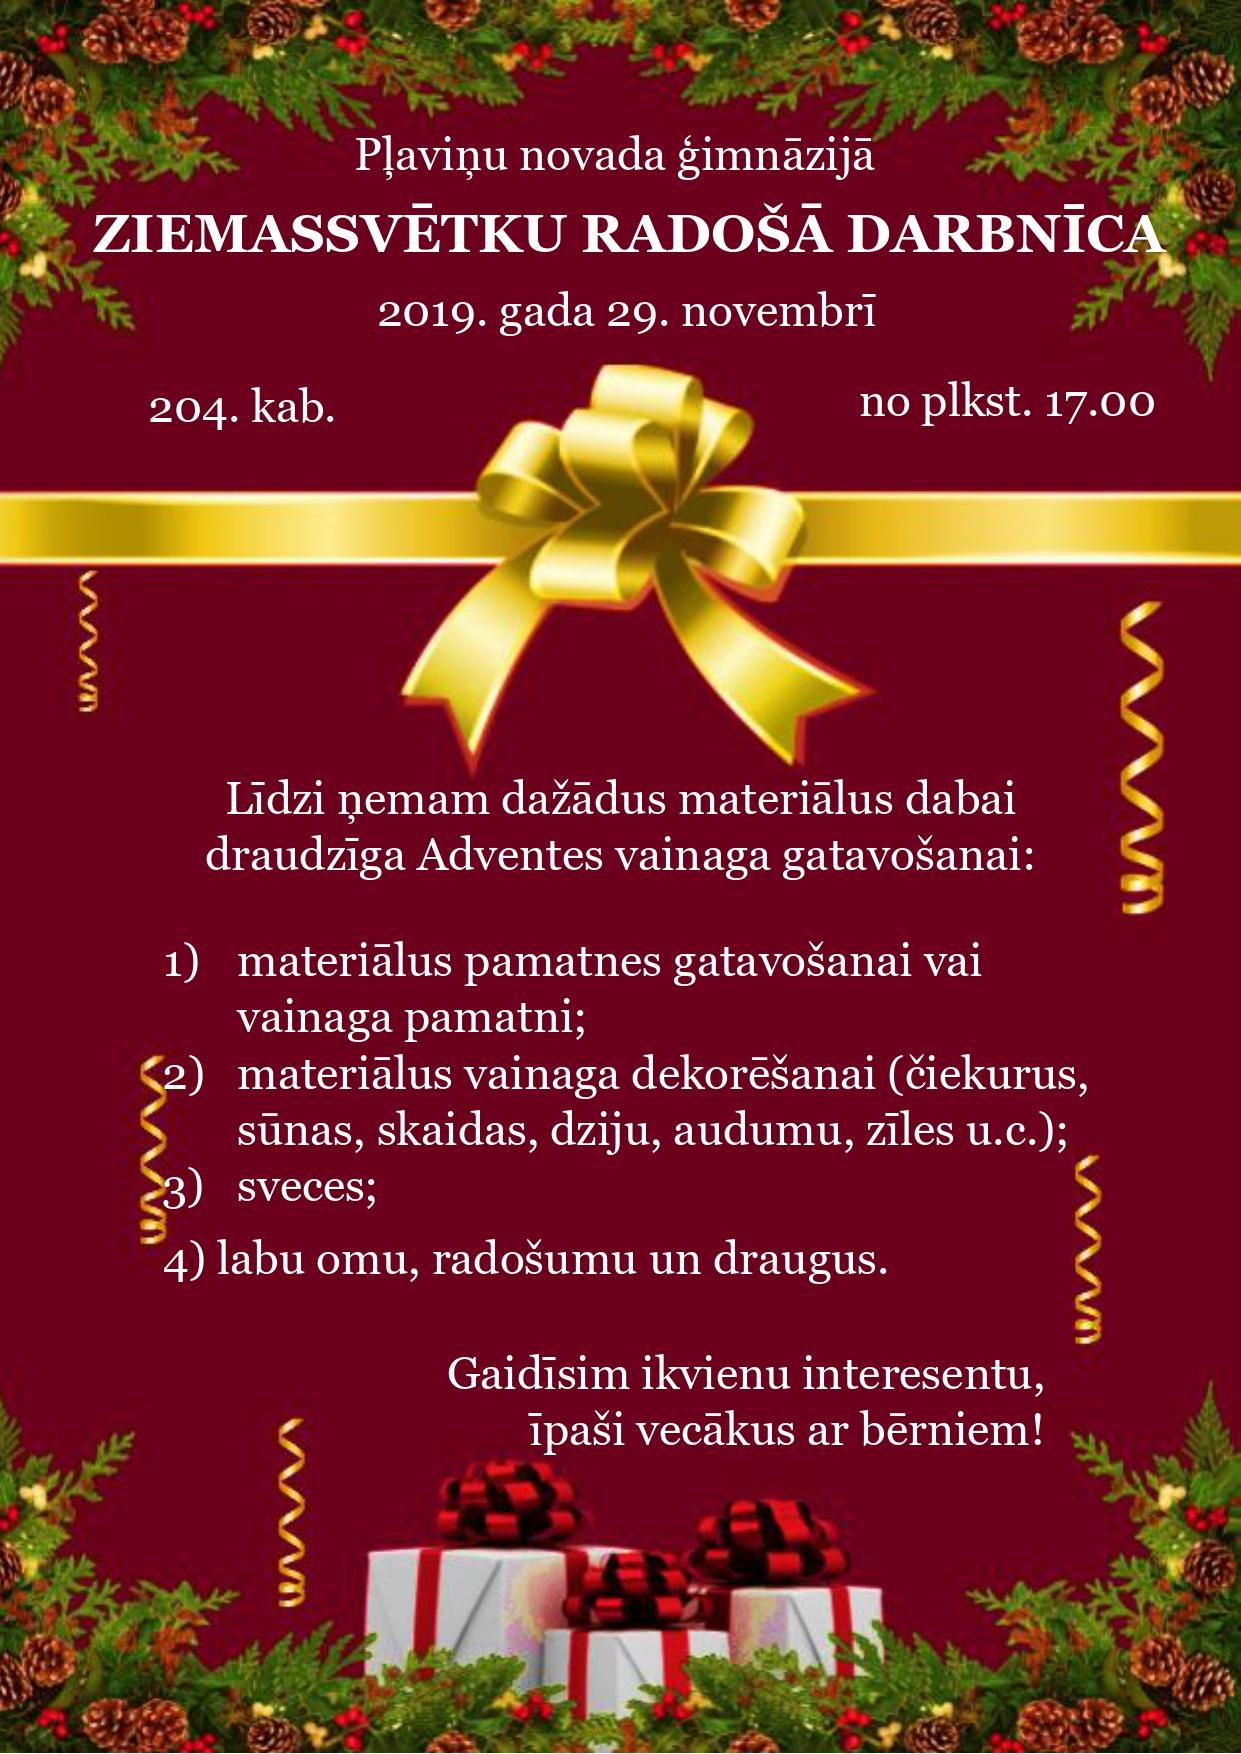 afisa_Ziemassvetku_darbnicai_PNG_2019